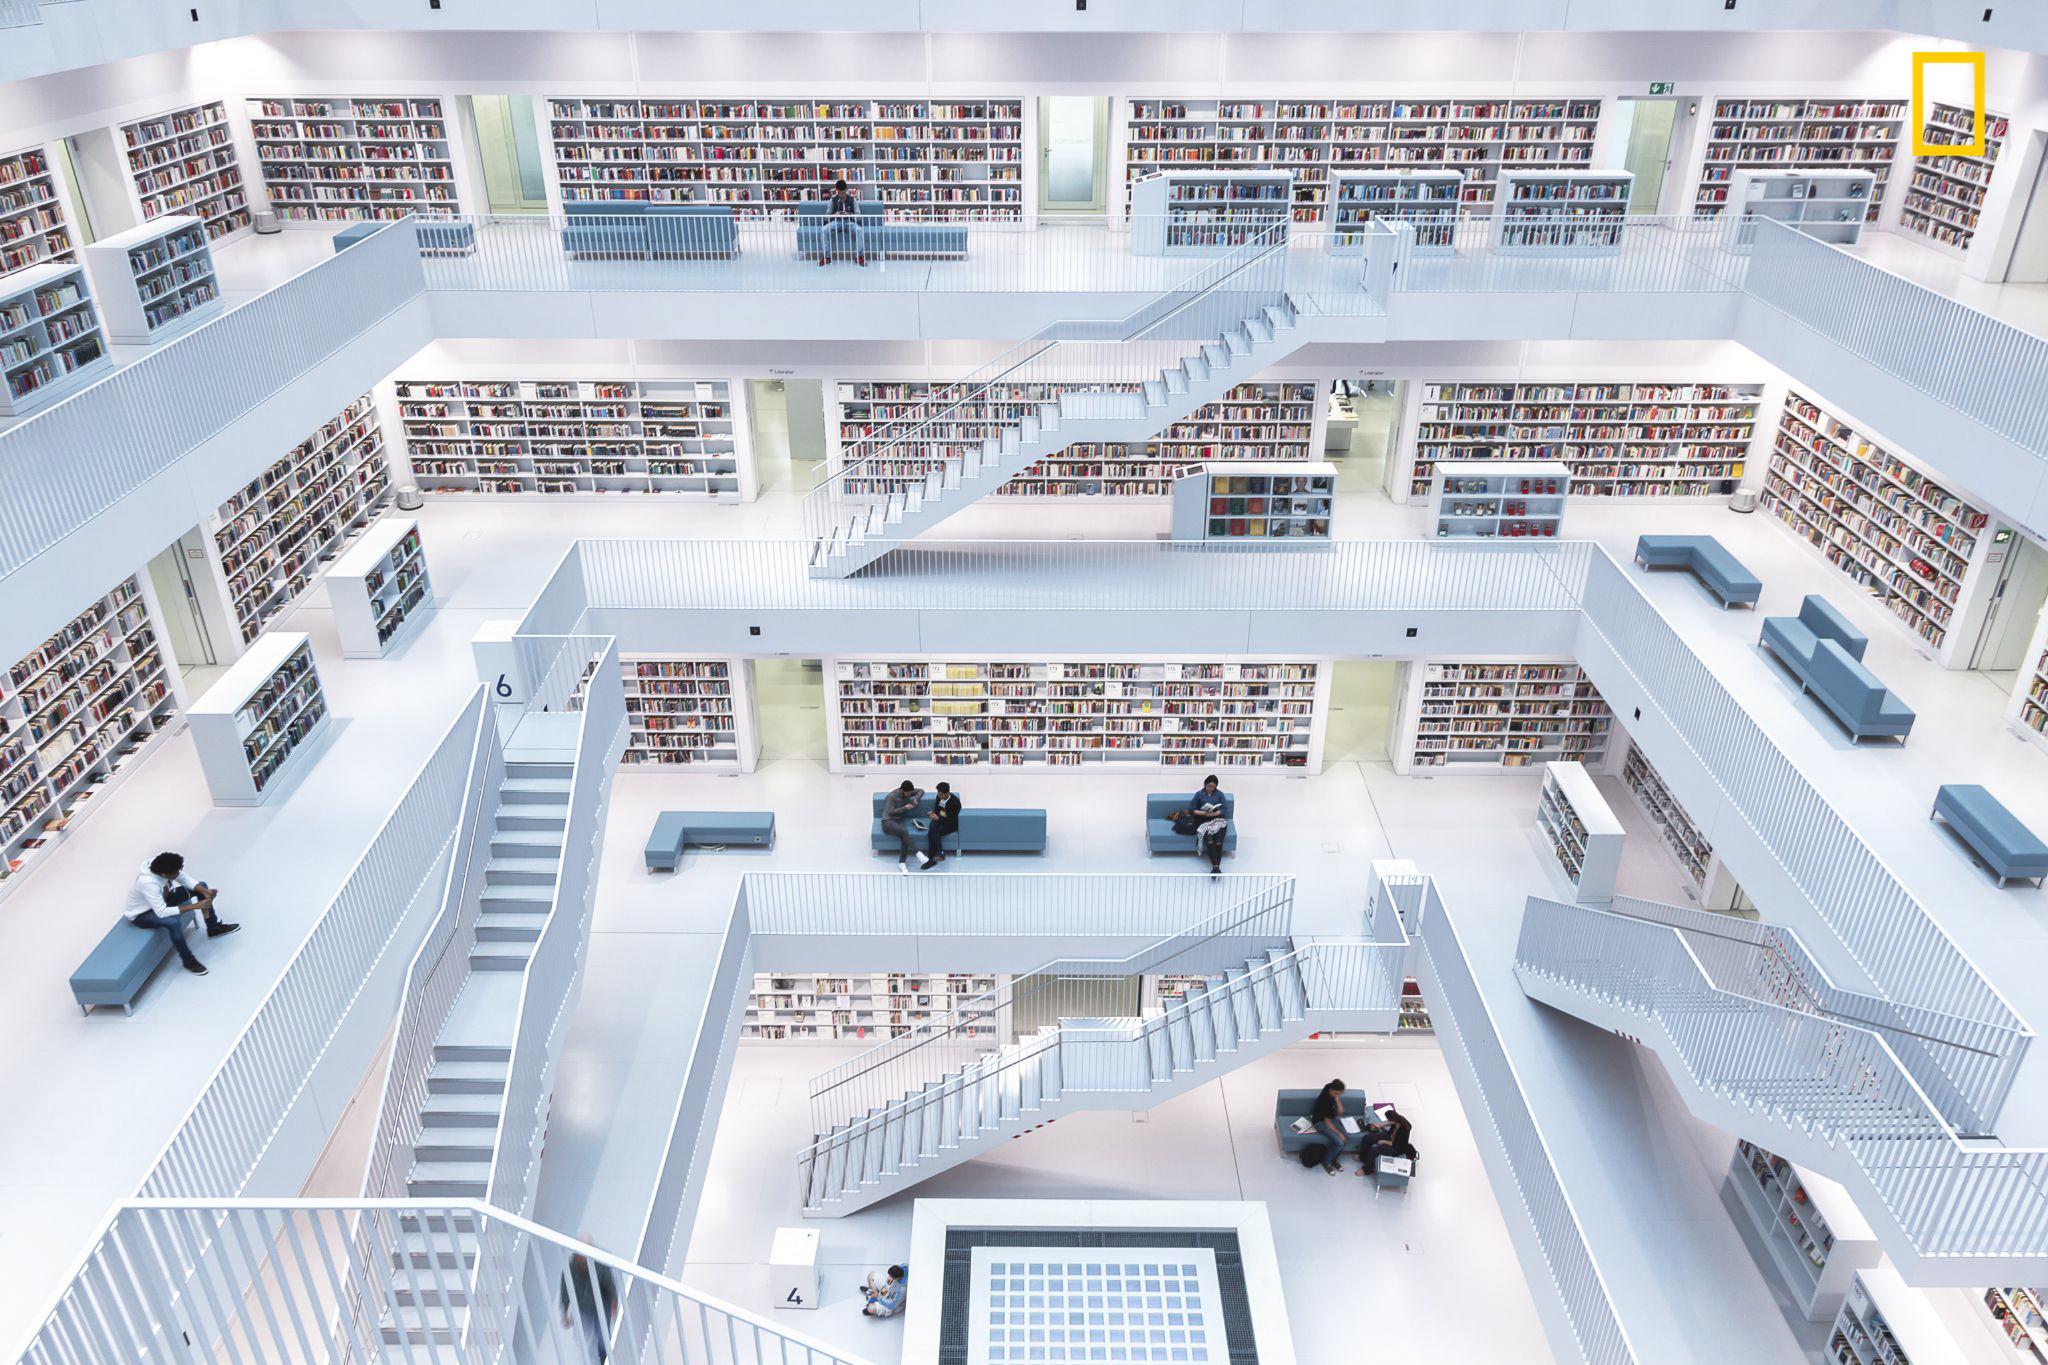 Levels of reading. Fotografía de Norbet Fritz, ganadora en la categoría Ciudad